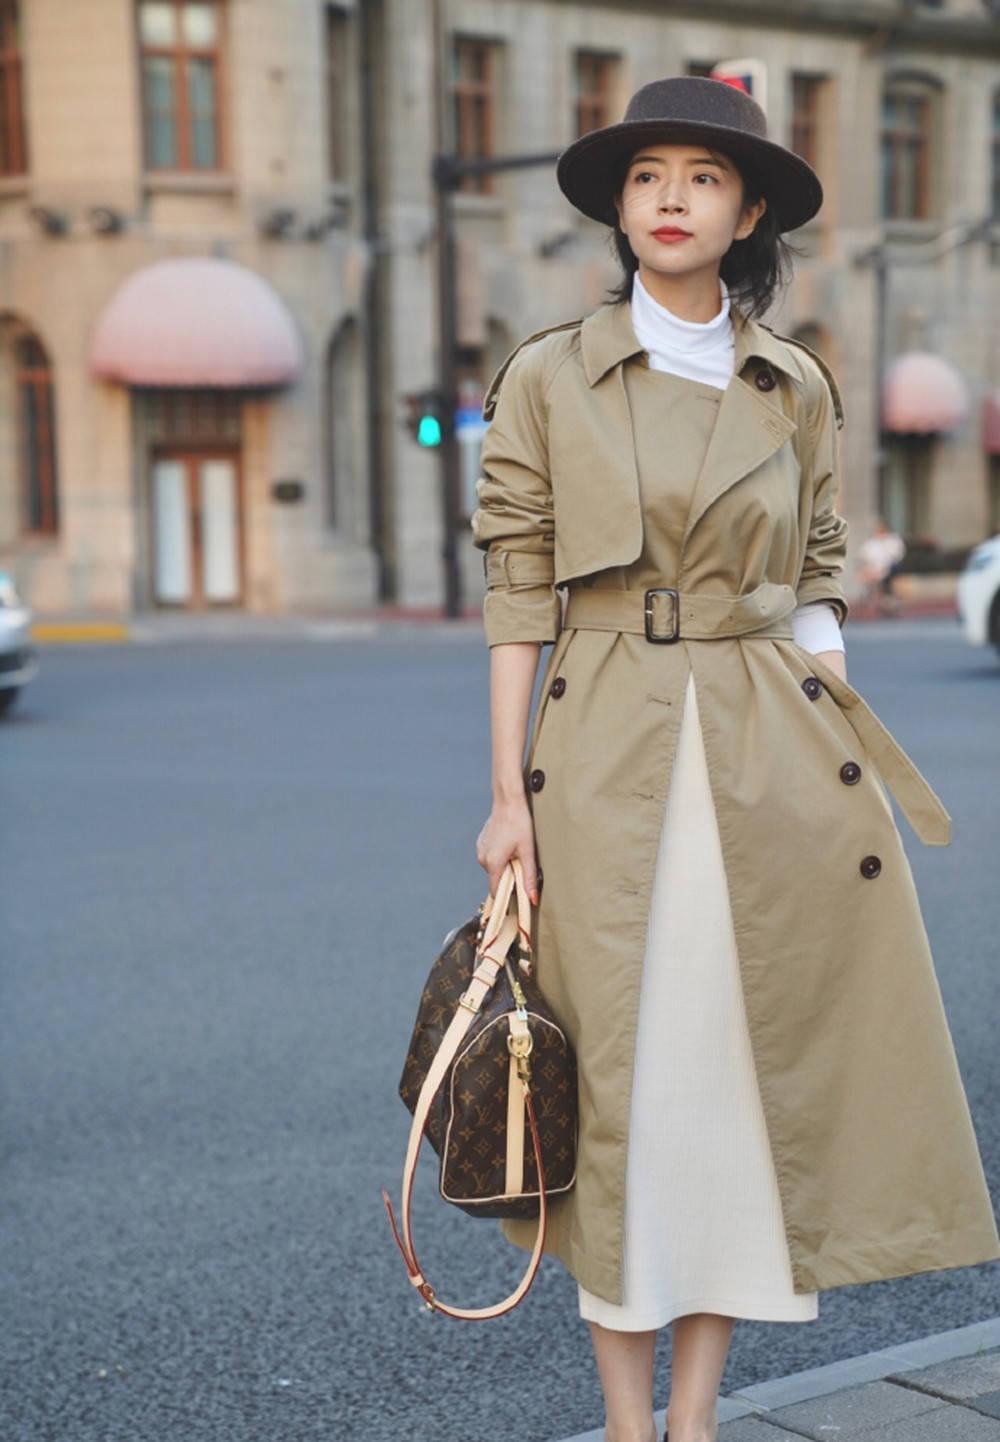 穿风衣别再搭阔腿裤了,今年流行三木的这6种穿法,时髦又显气质